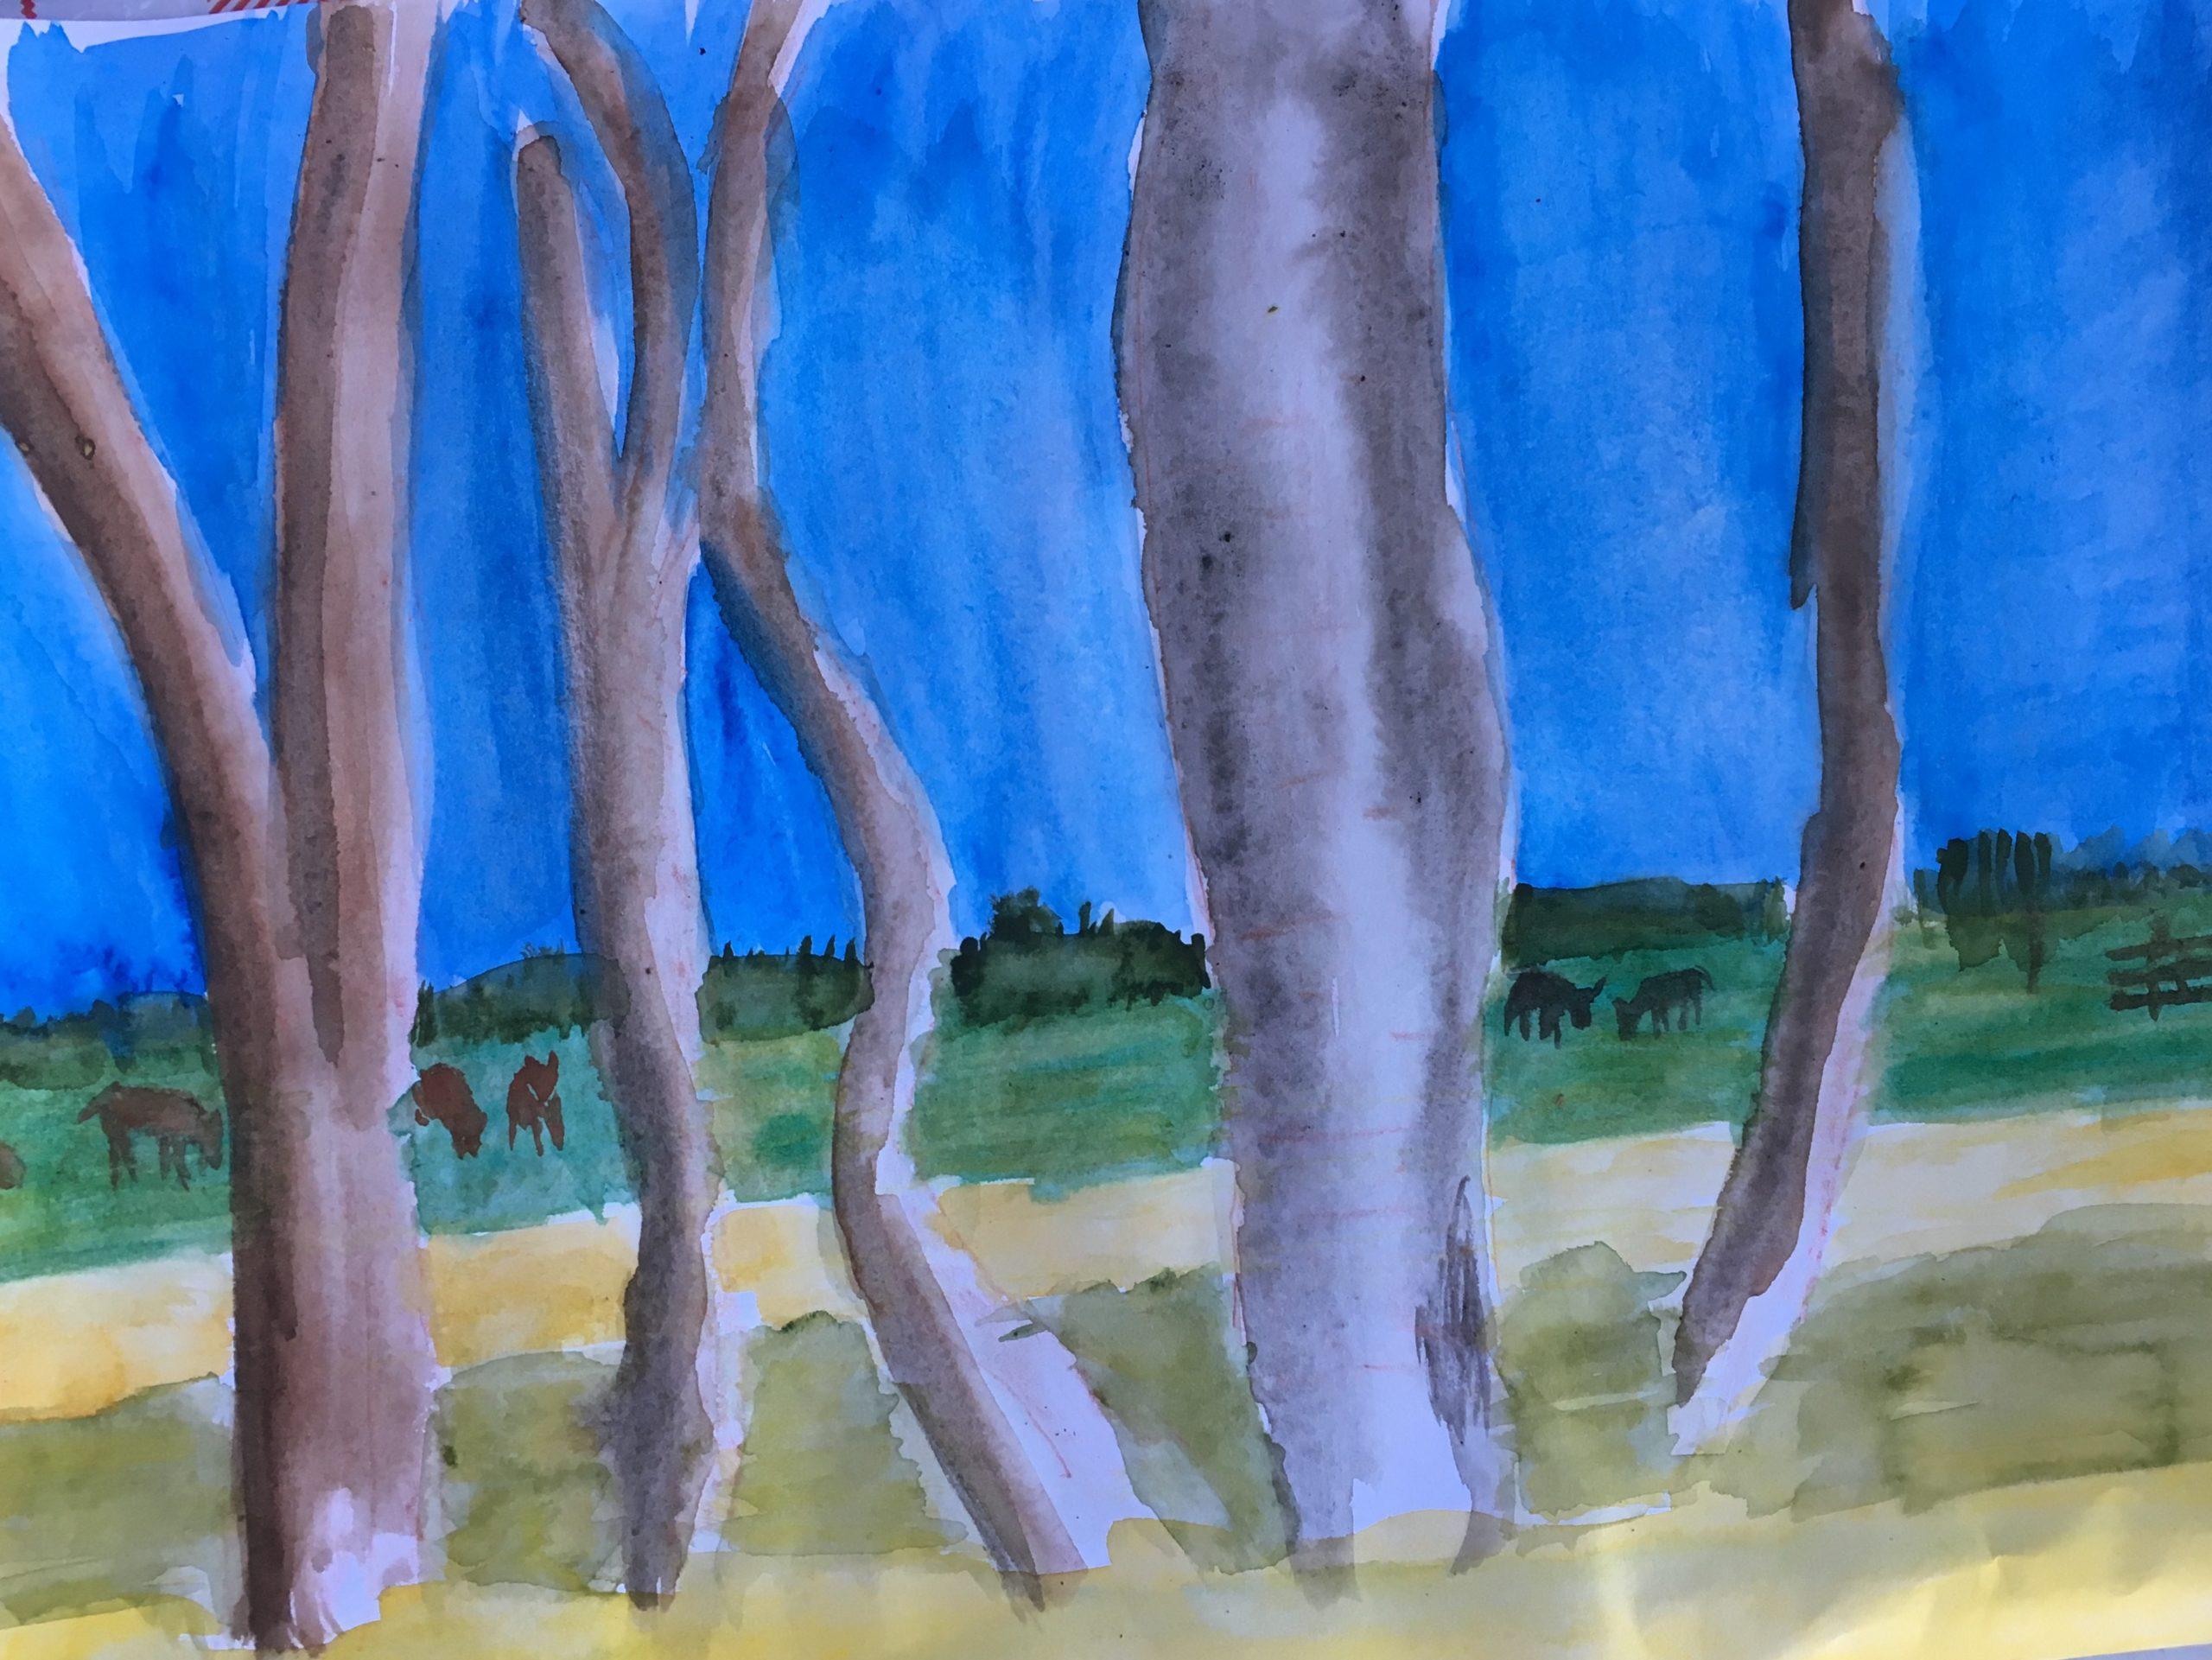 het uitzicht met bomen, weiland en koeien